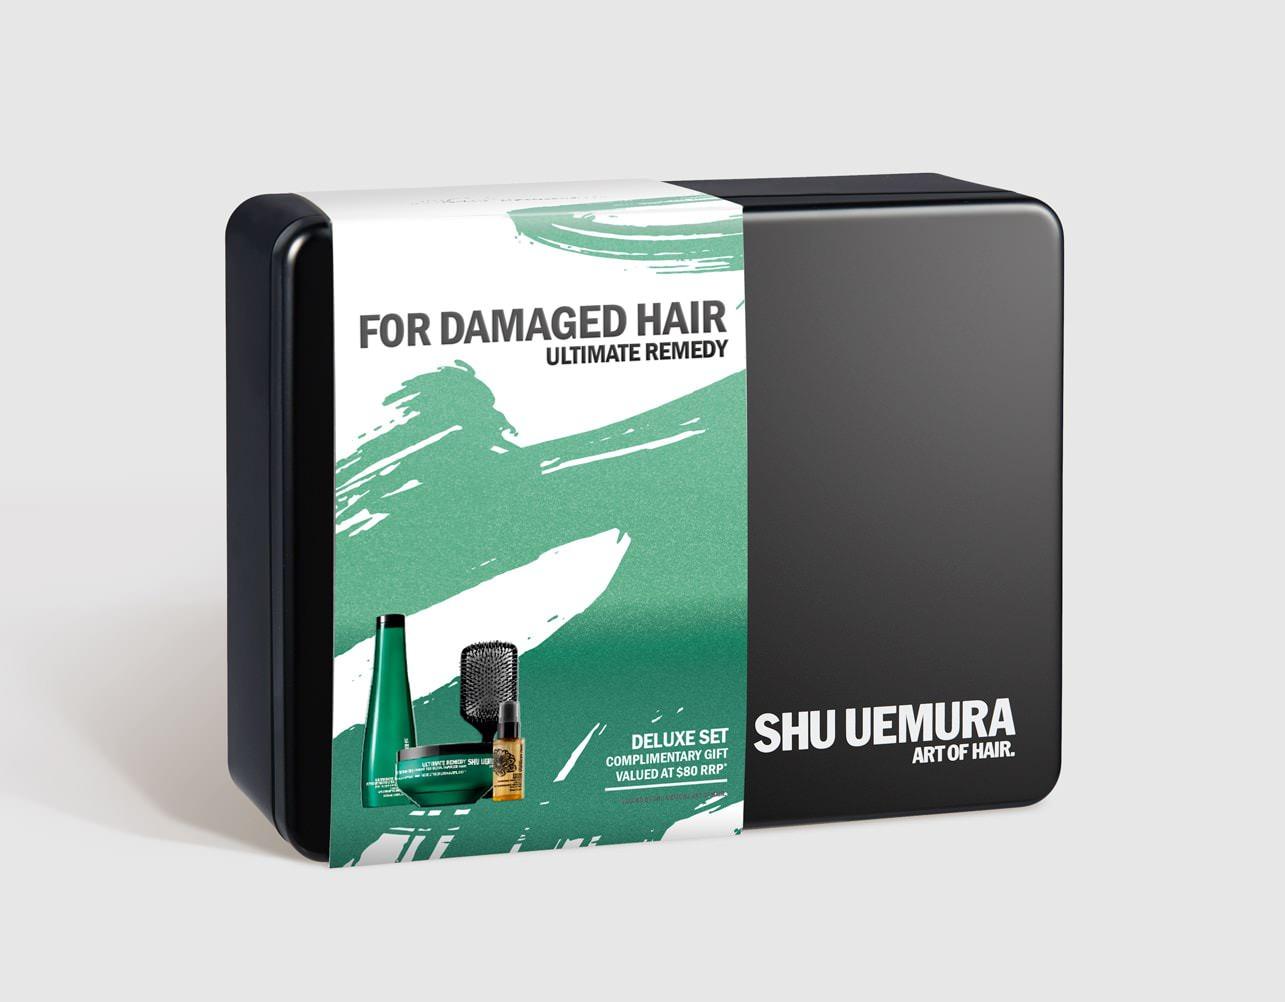 DJWFolio-Packaging_2015_ShuAOH_1